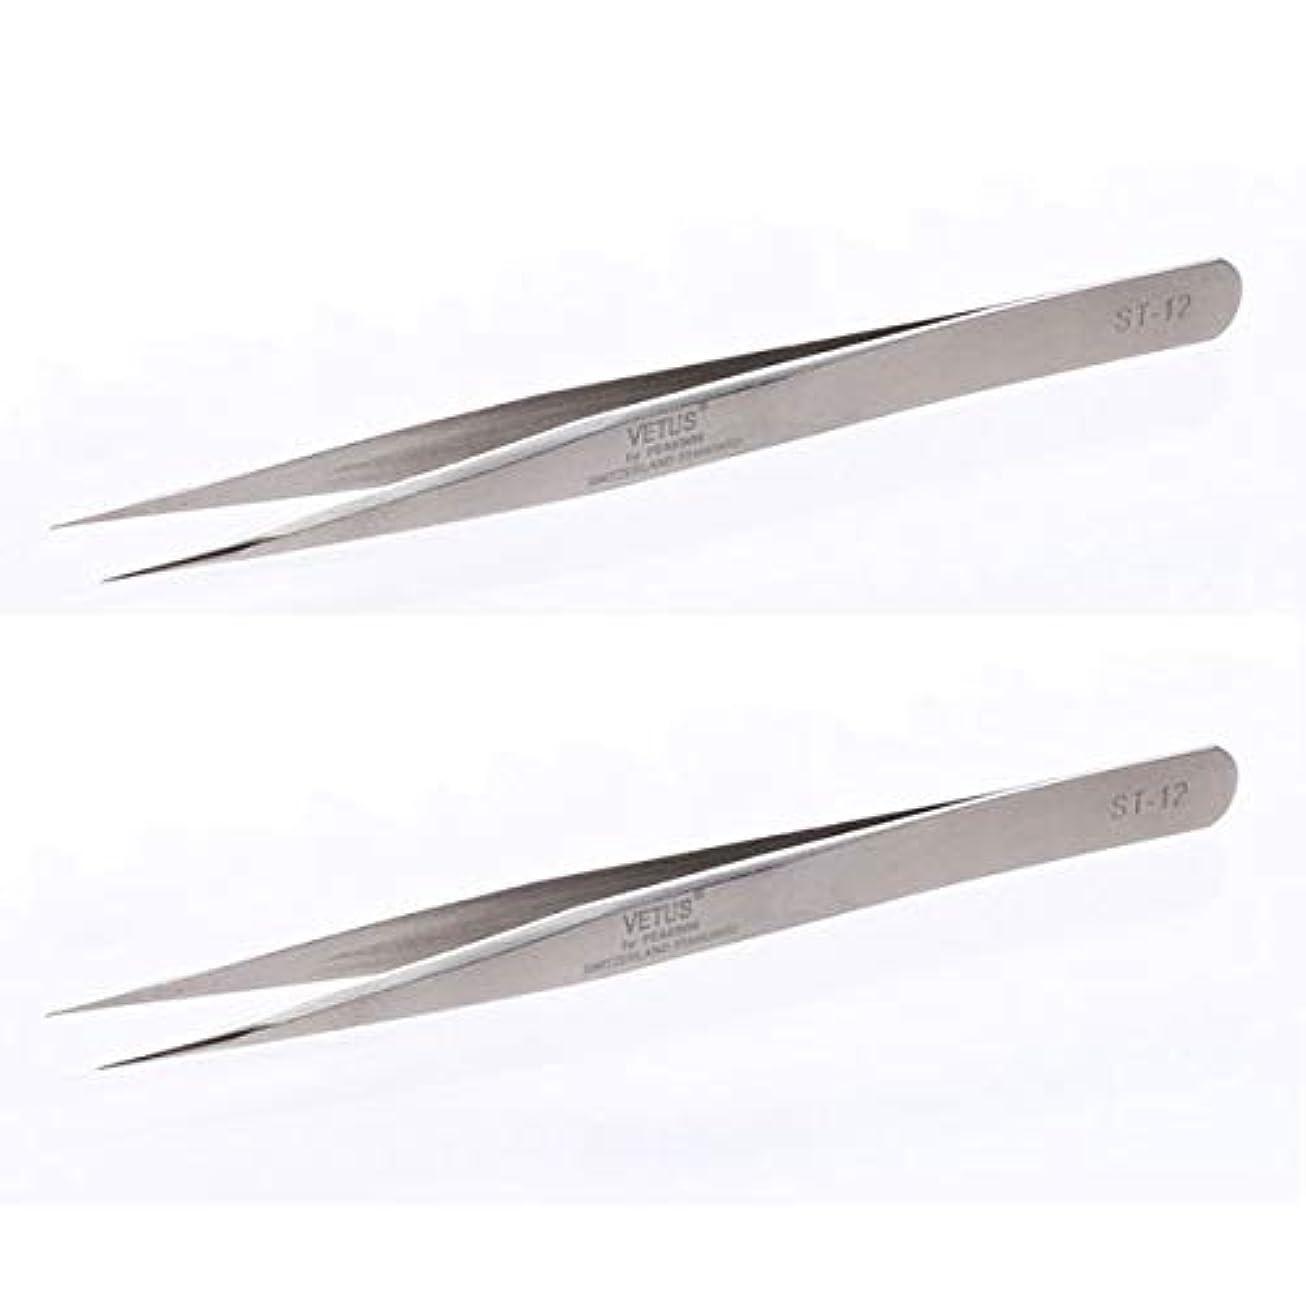 リファイン傷跡寄り添う< VETUS > ツイーザーストレートタイプ ST-12 (2個セット) [ ツイーザー ツィーザー ツイザー 毛抜き ピンセット 脱毛 アイラッシュ まつげエクステ まつ毛エクステ まつエク マツエク ネイル サロン 業務用 ]